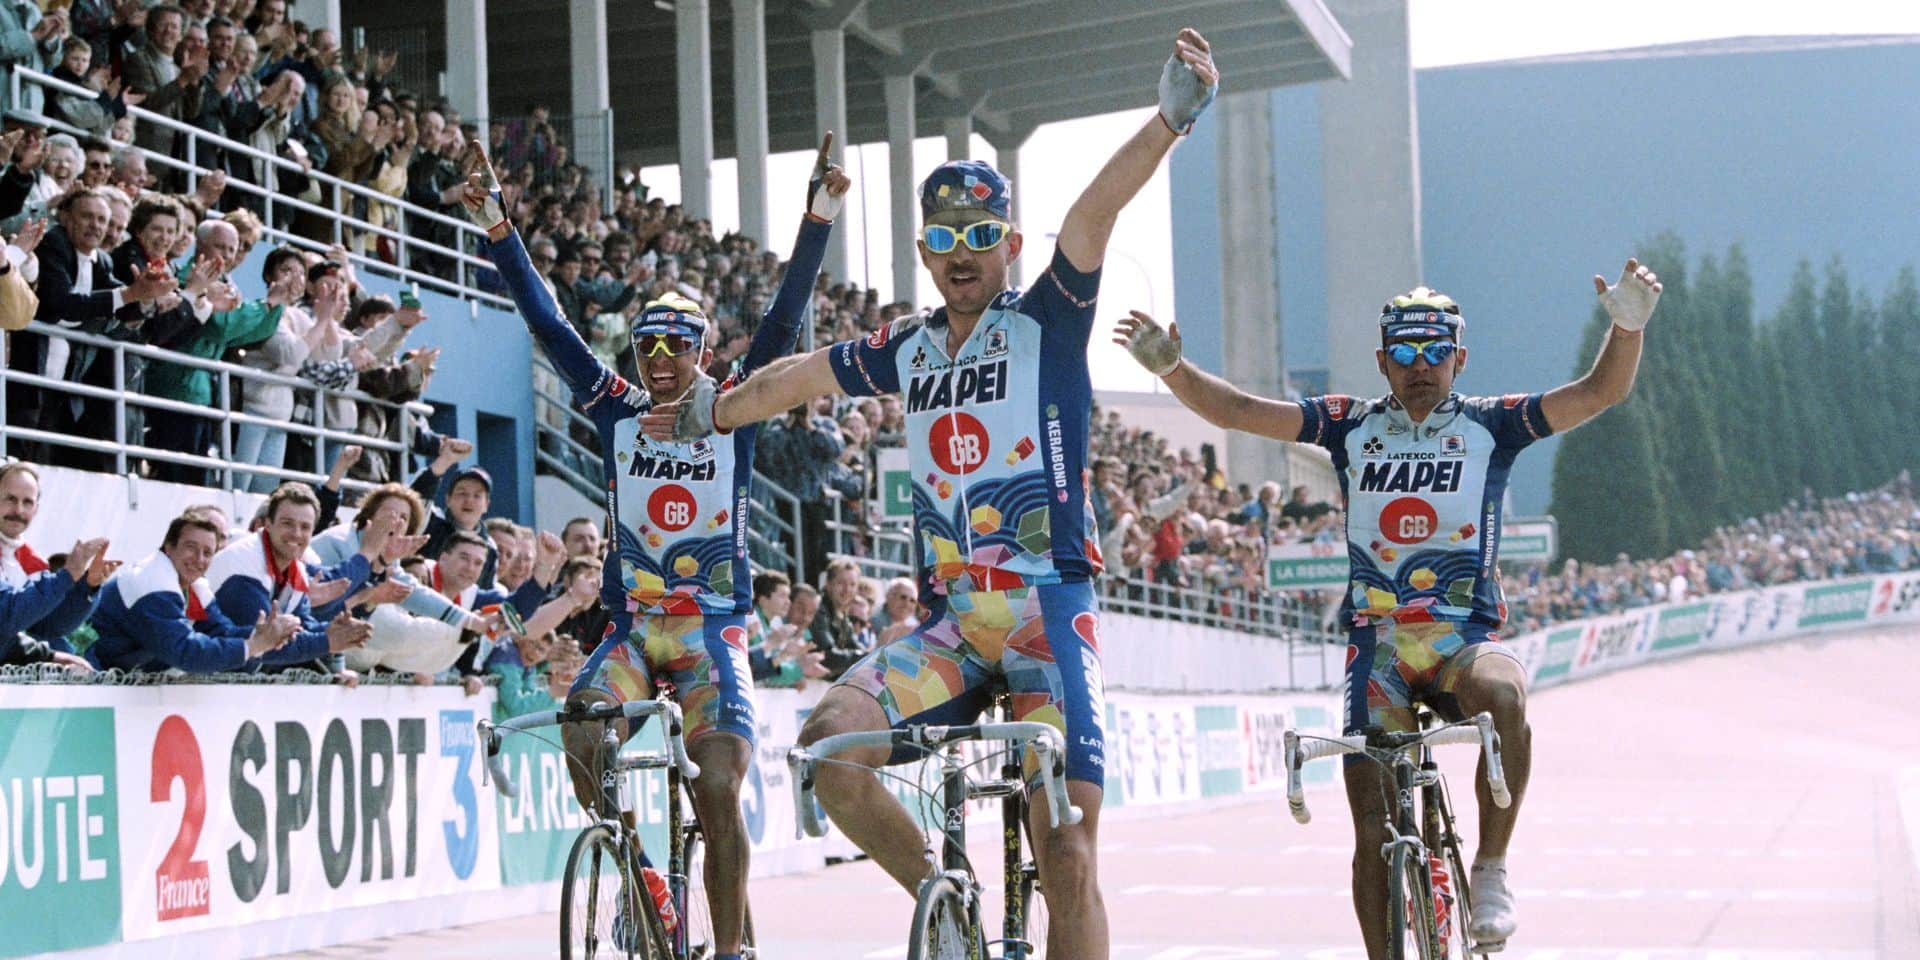 Quand le tiercé des Mapei à Paris-Roubaix a provoqué le désordre